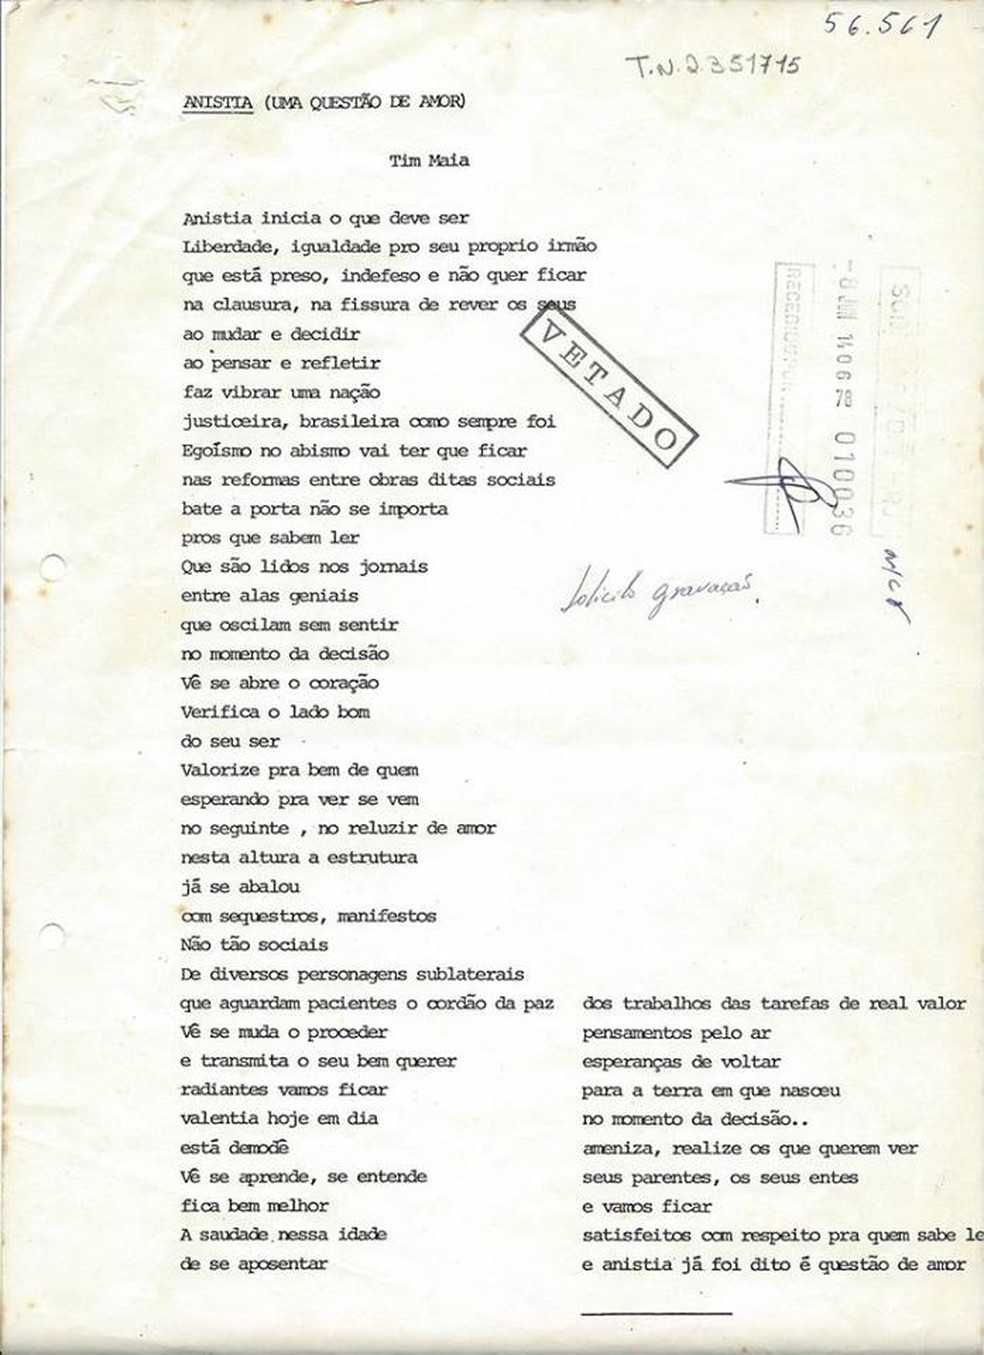 Parecer da censura sobre a música 'Anistia (Uma questão de amor)', de Tim Maia — Foto: Reprodução